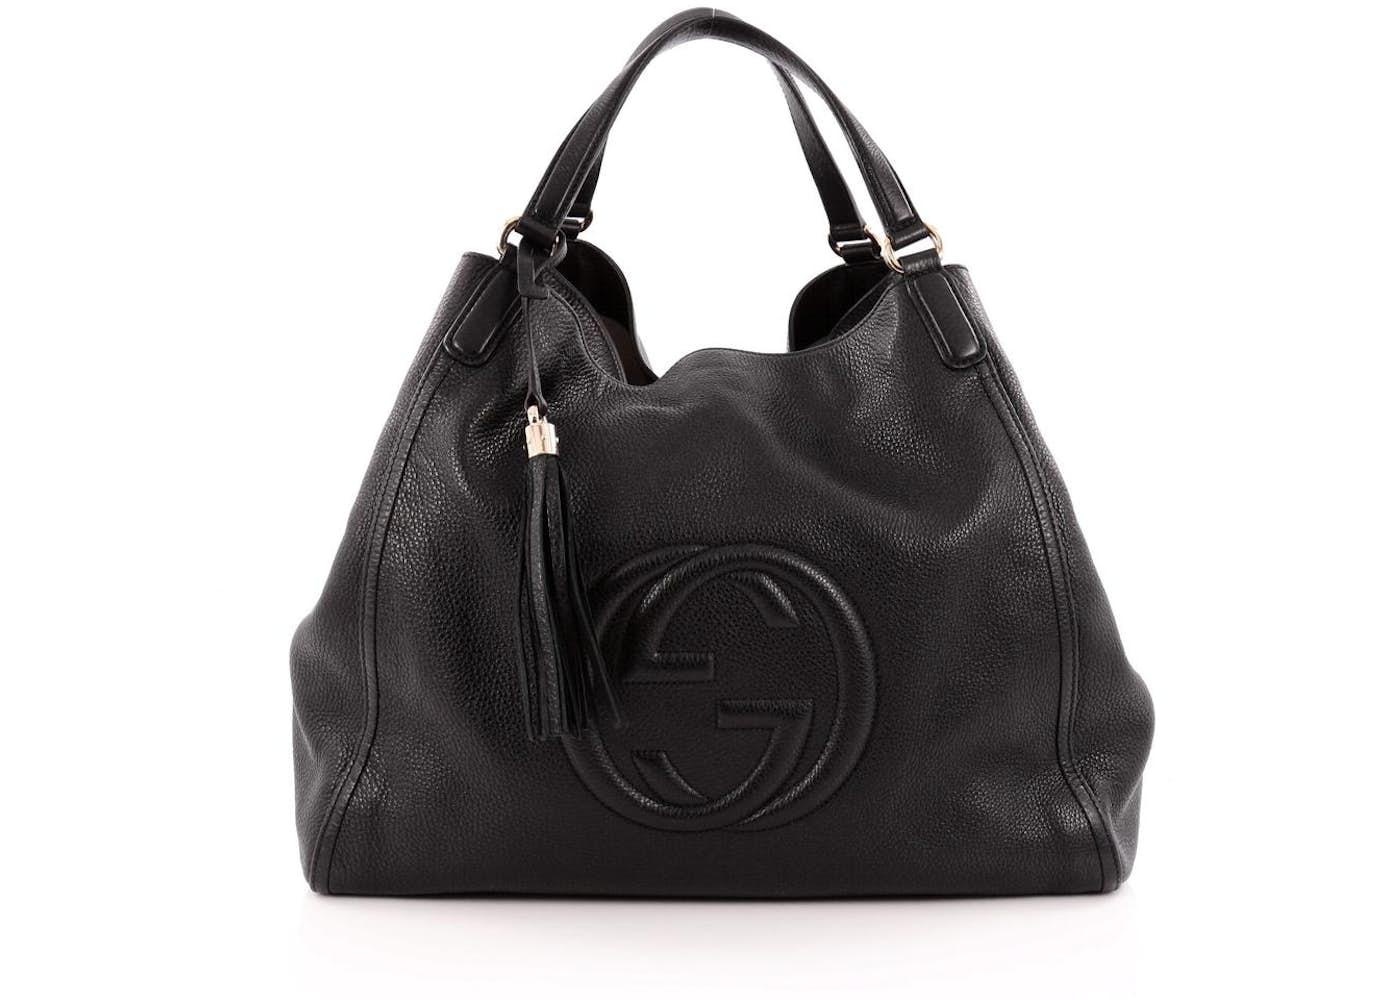 6a96d592d4f2 Gucci Pebbled Calfskin Medium Soho Messenger Bag Black 96417